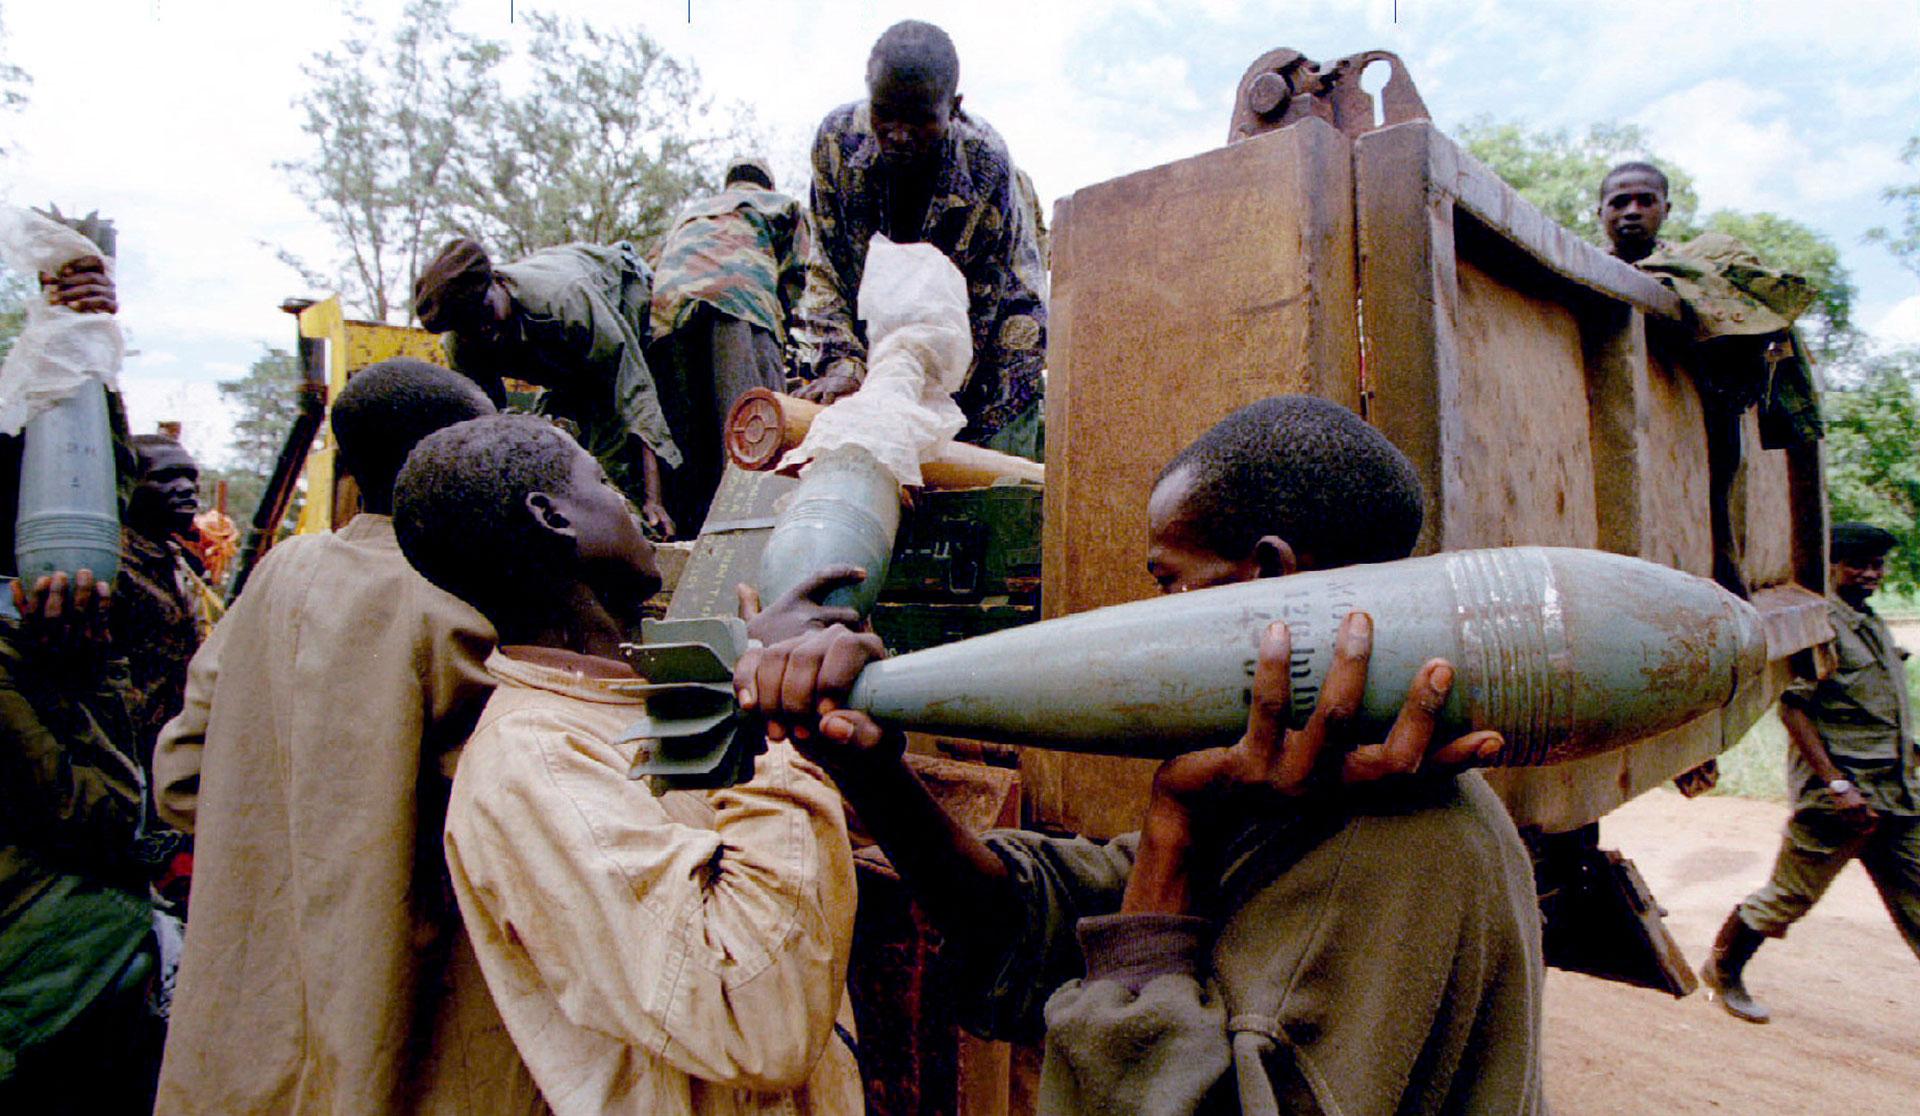 En plena guerra civil, combatientes rebeldes cargan morteros y municiones en un camión (Reuters)